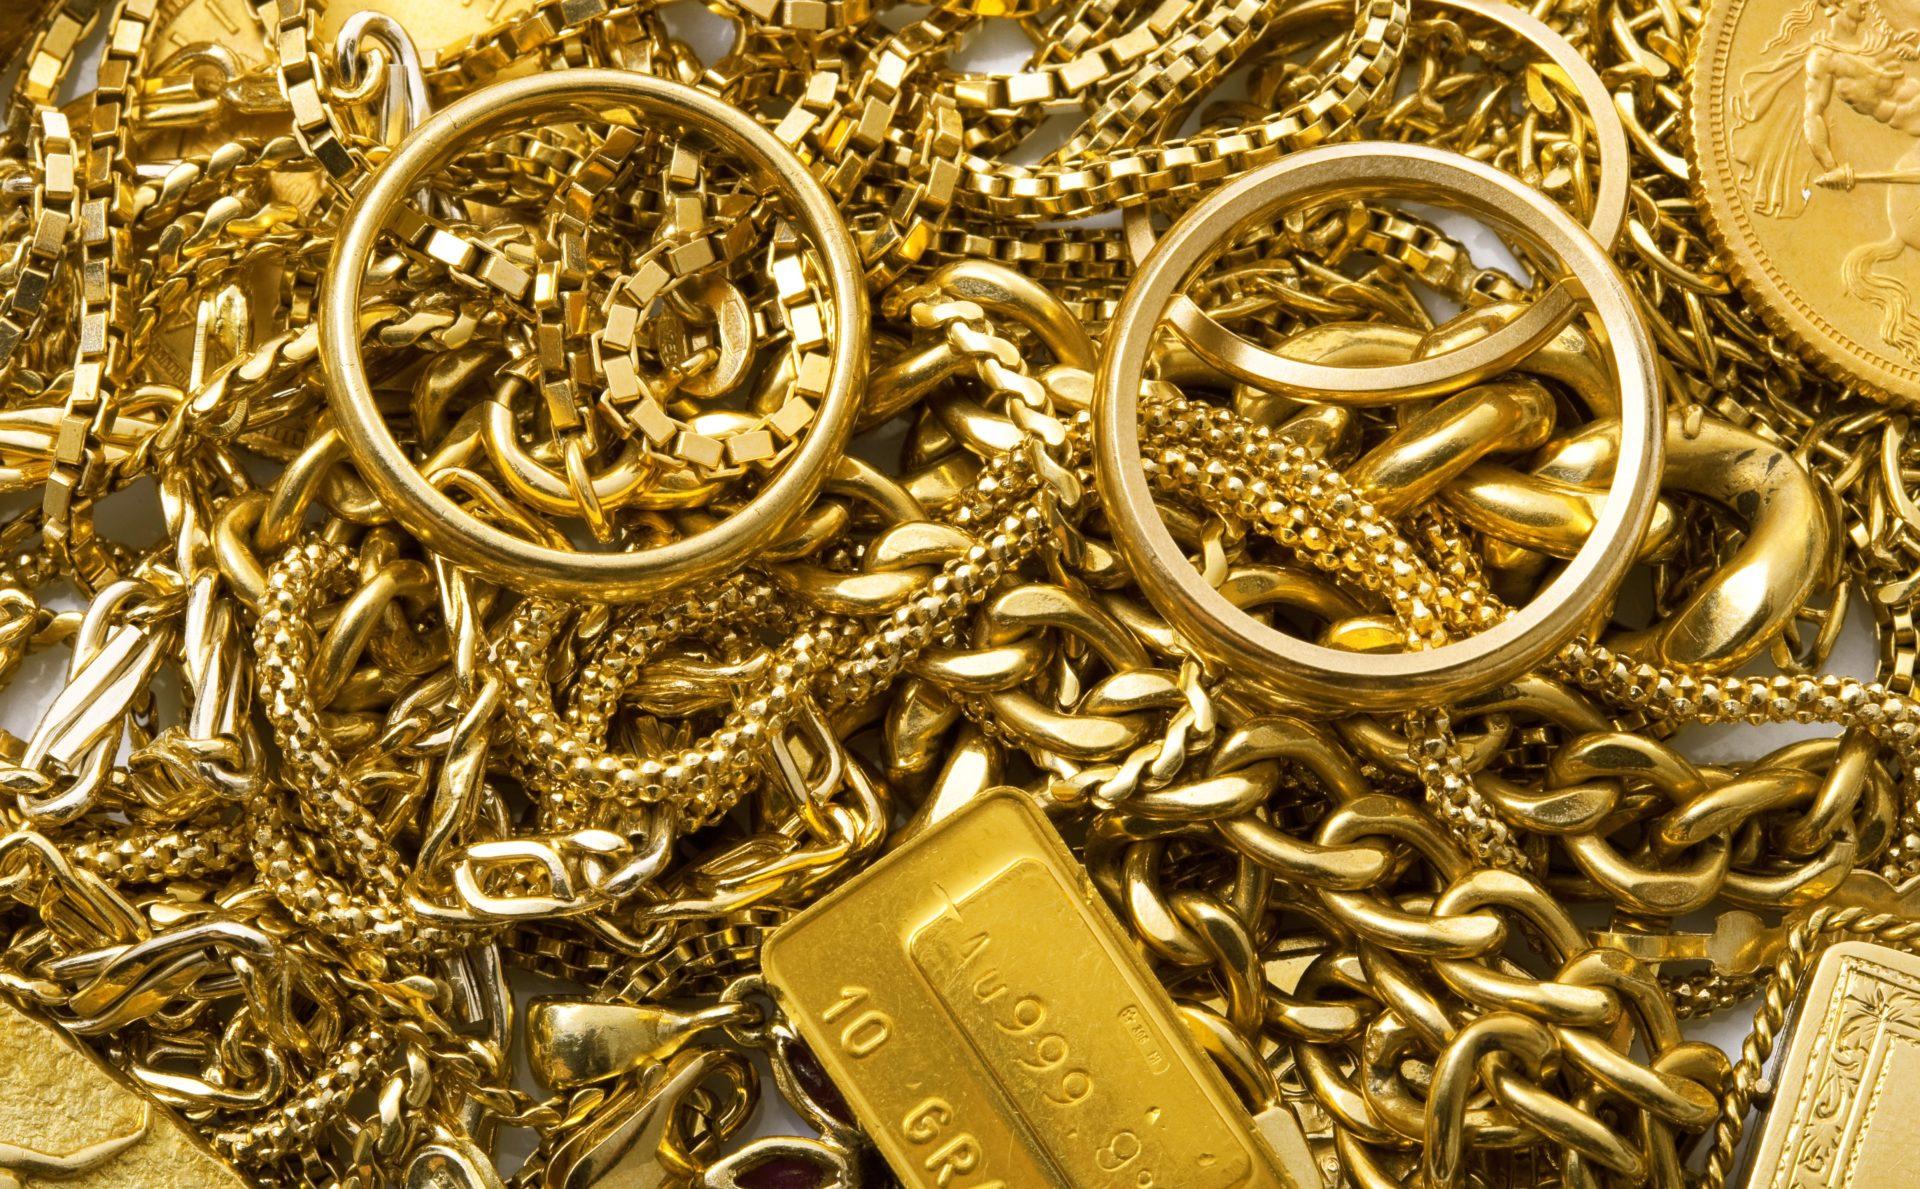 GOLDSCHMUCK VERKAUFEN IN KÖLN, Aurax Edelmetallhandel GmbH, Goldschmuck verkauf bargeld, goldschmuck ankauf köln